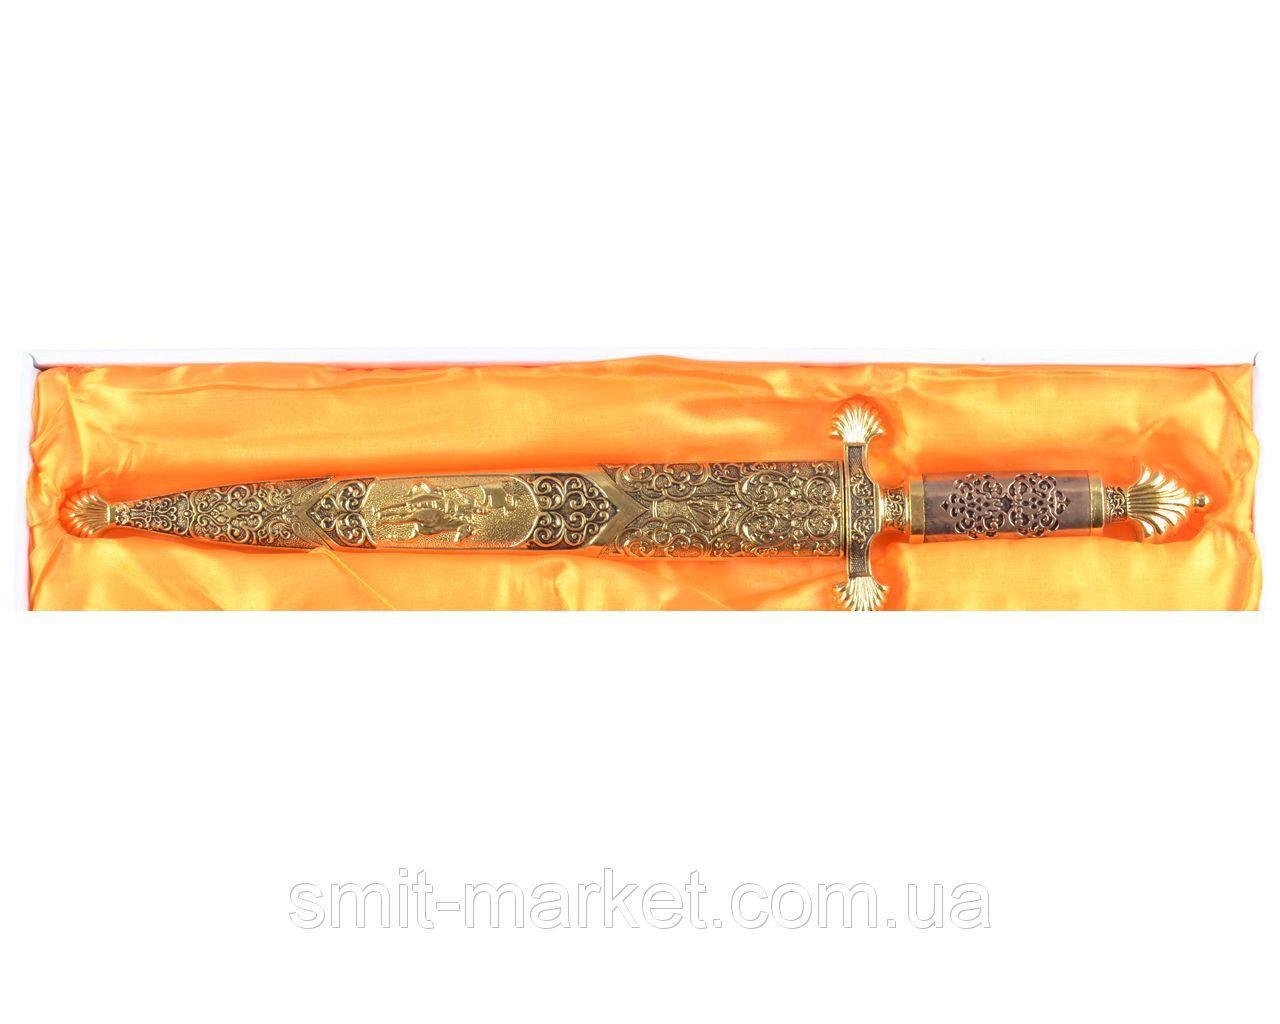 Кинджал сувенірний Князь №6F628